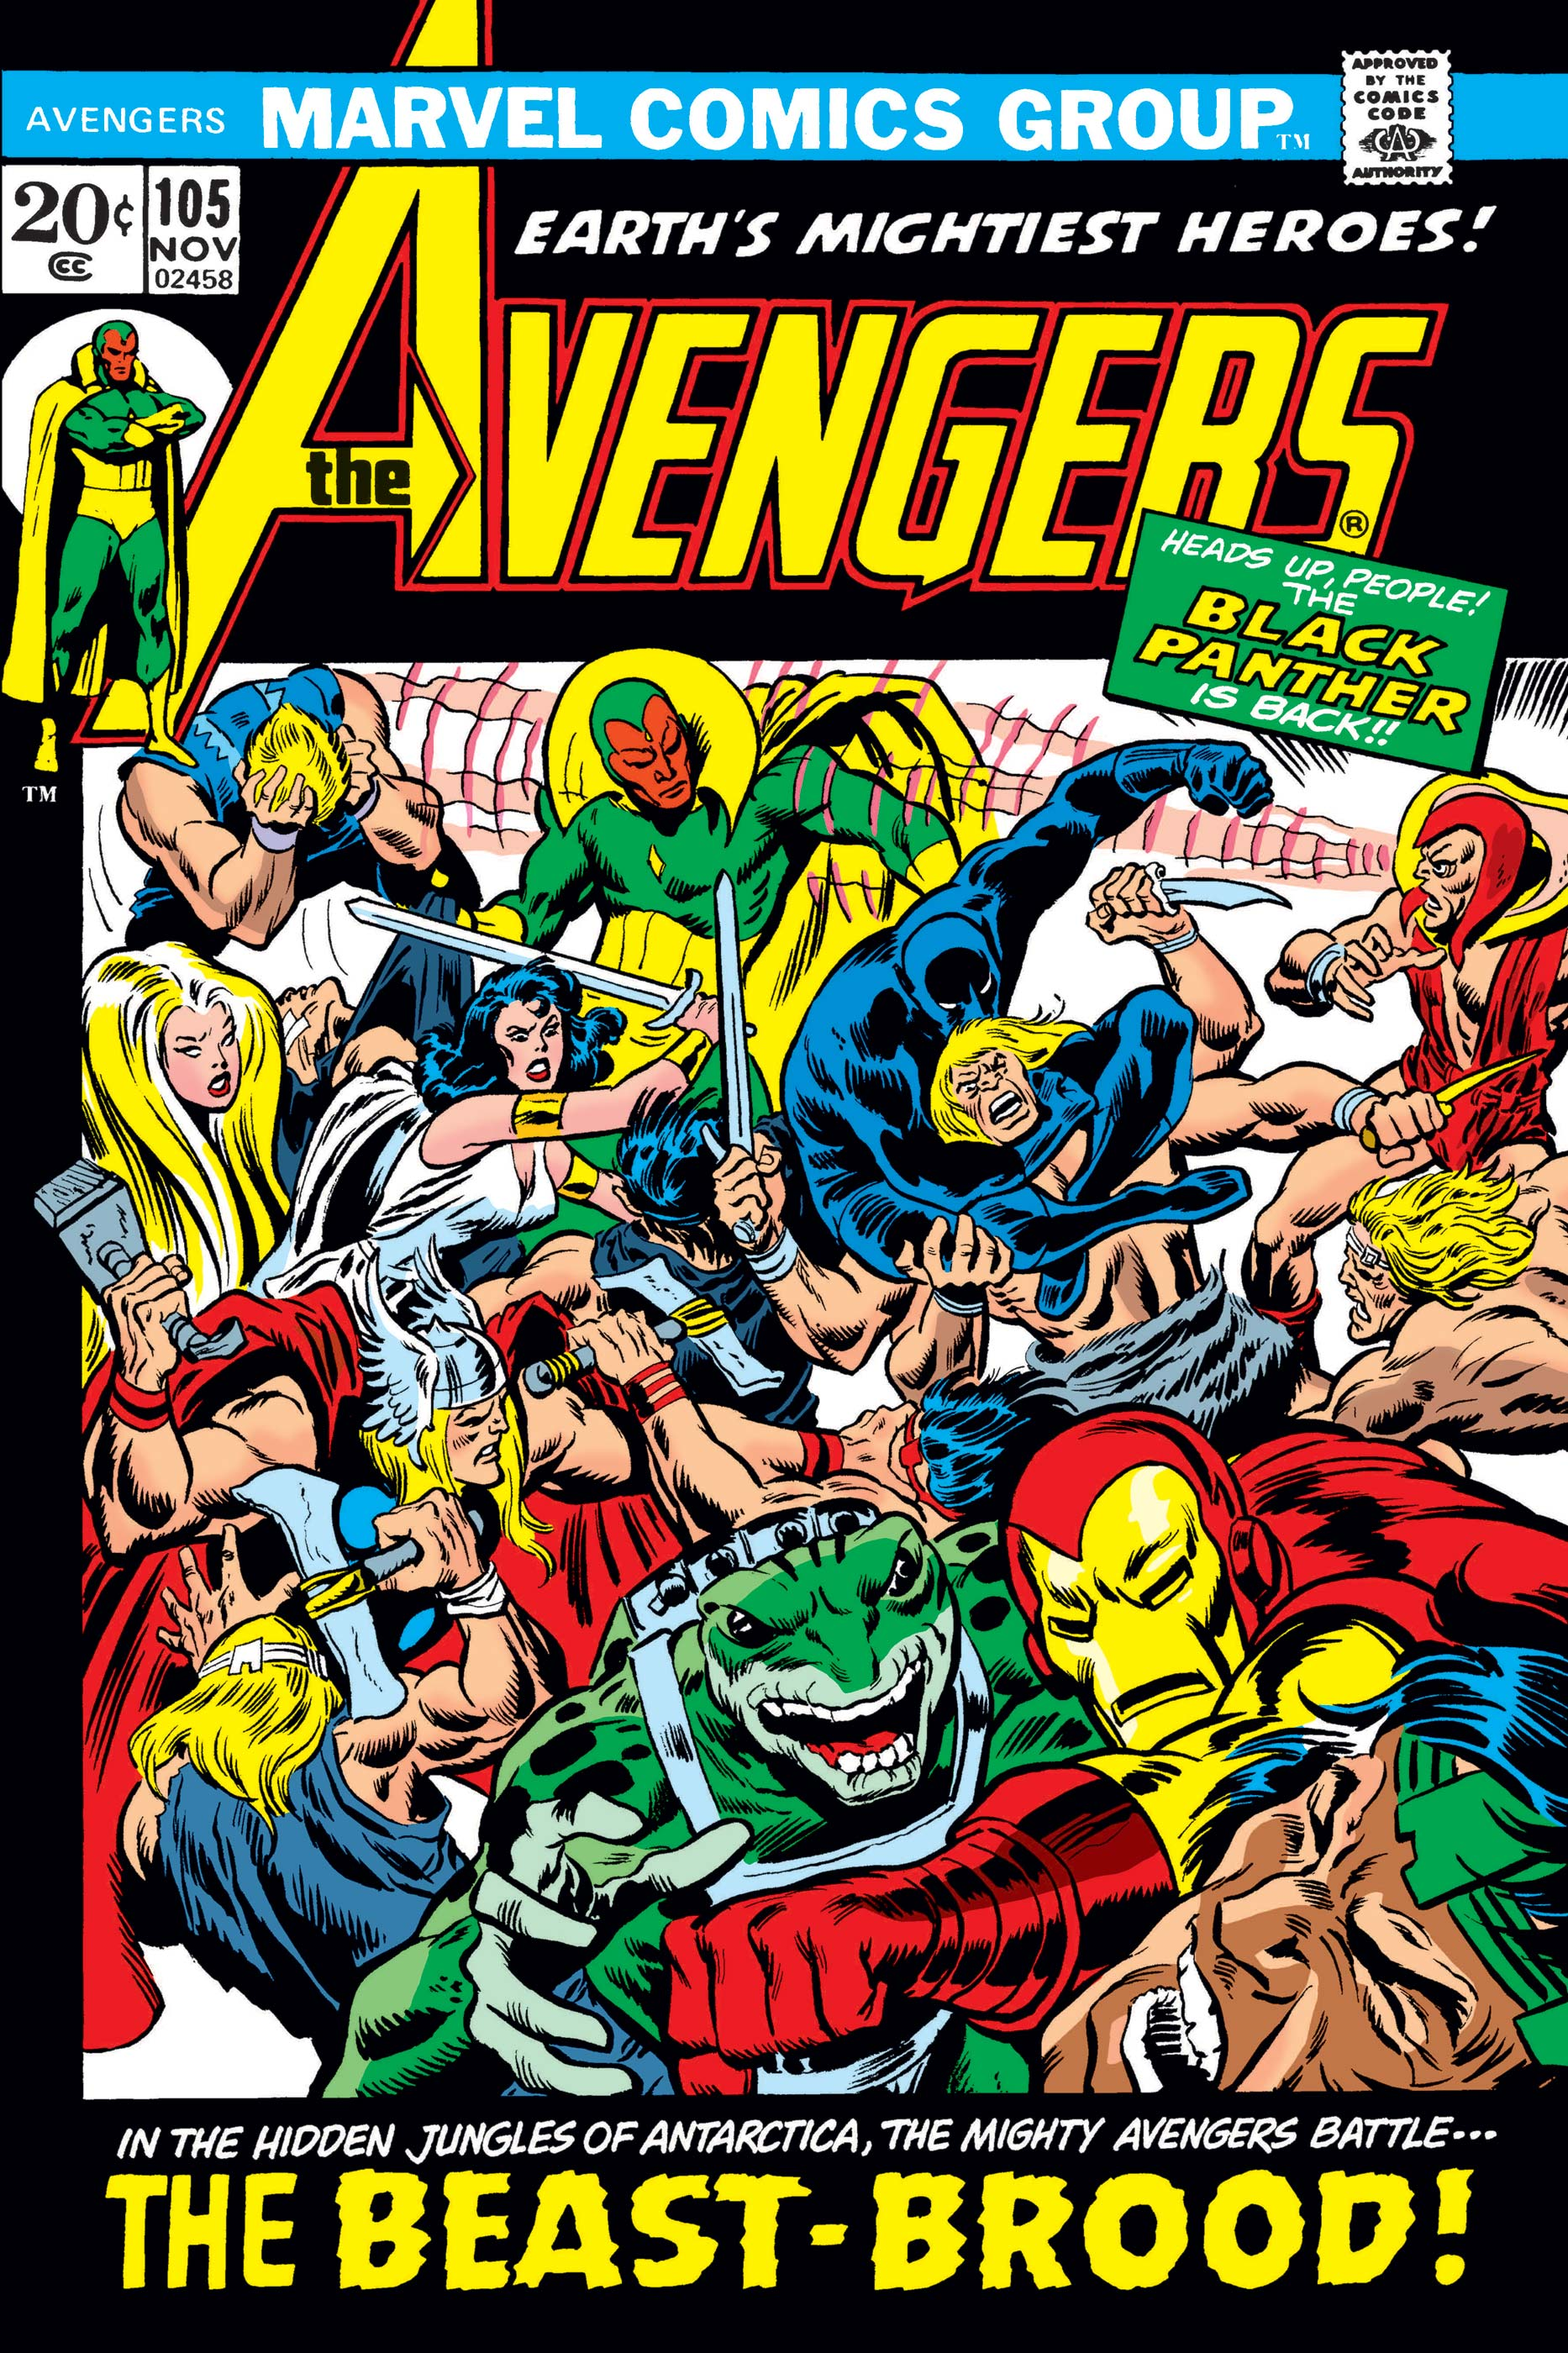 Avengers (1963) #105